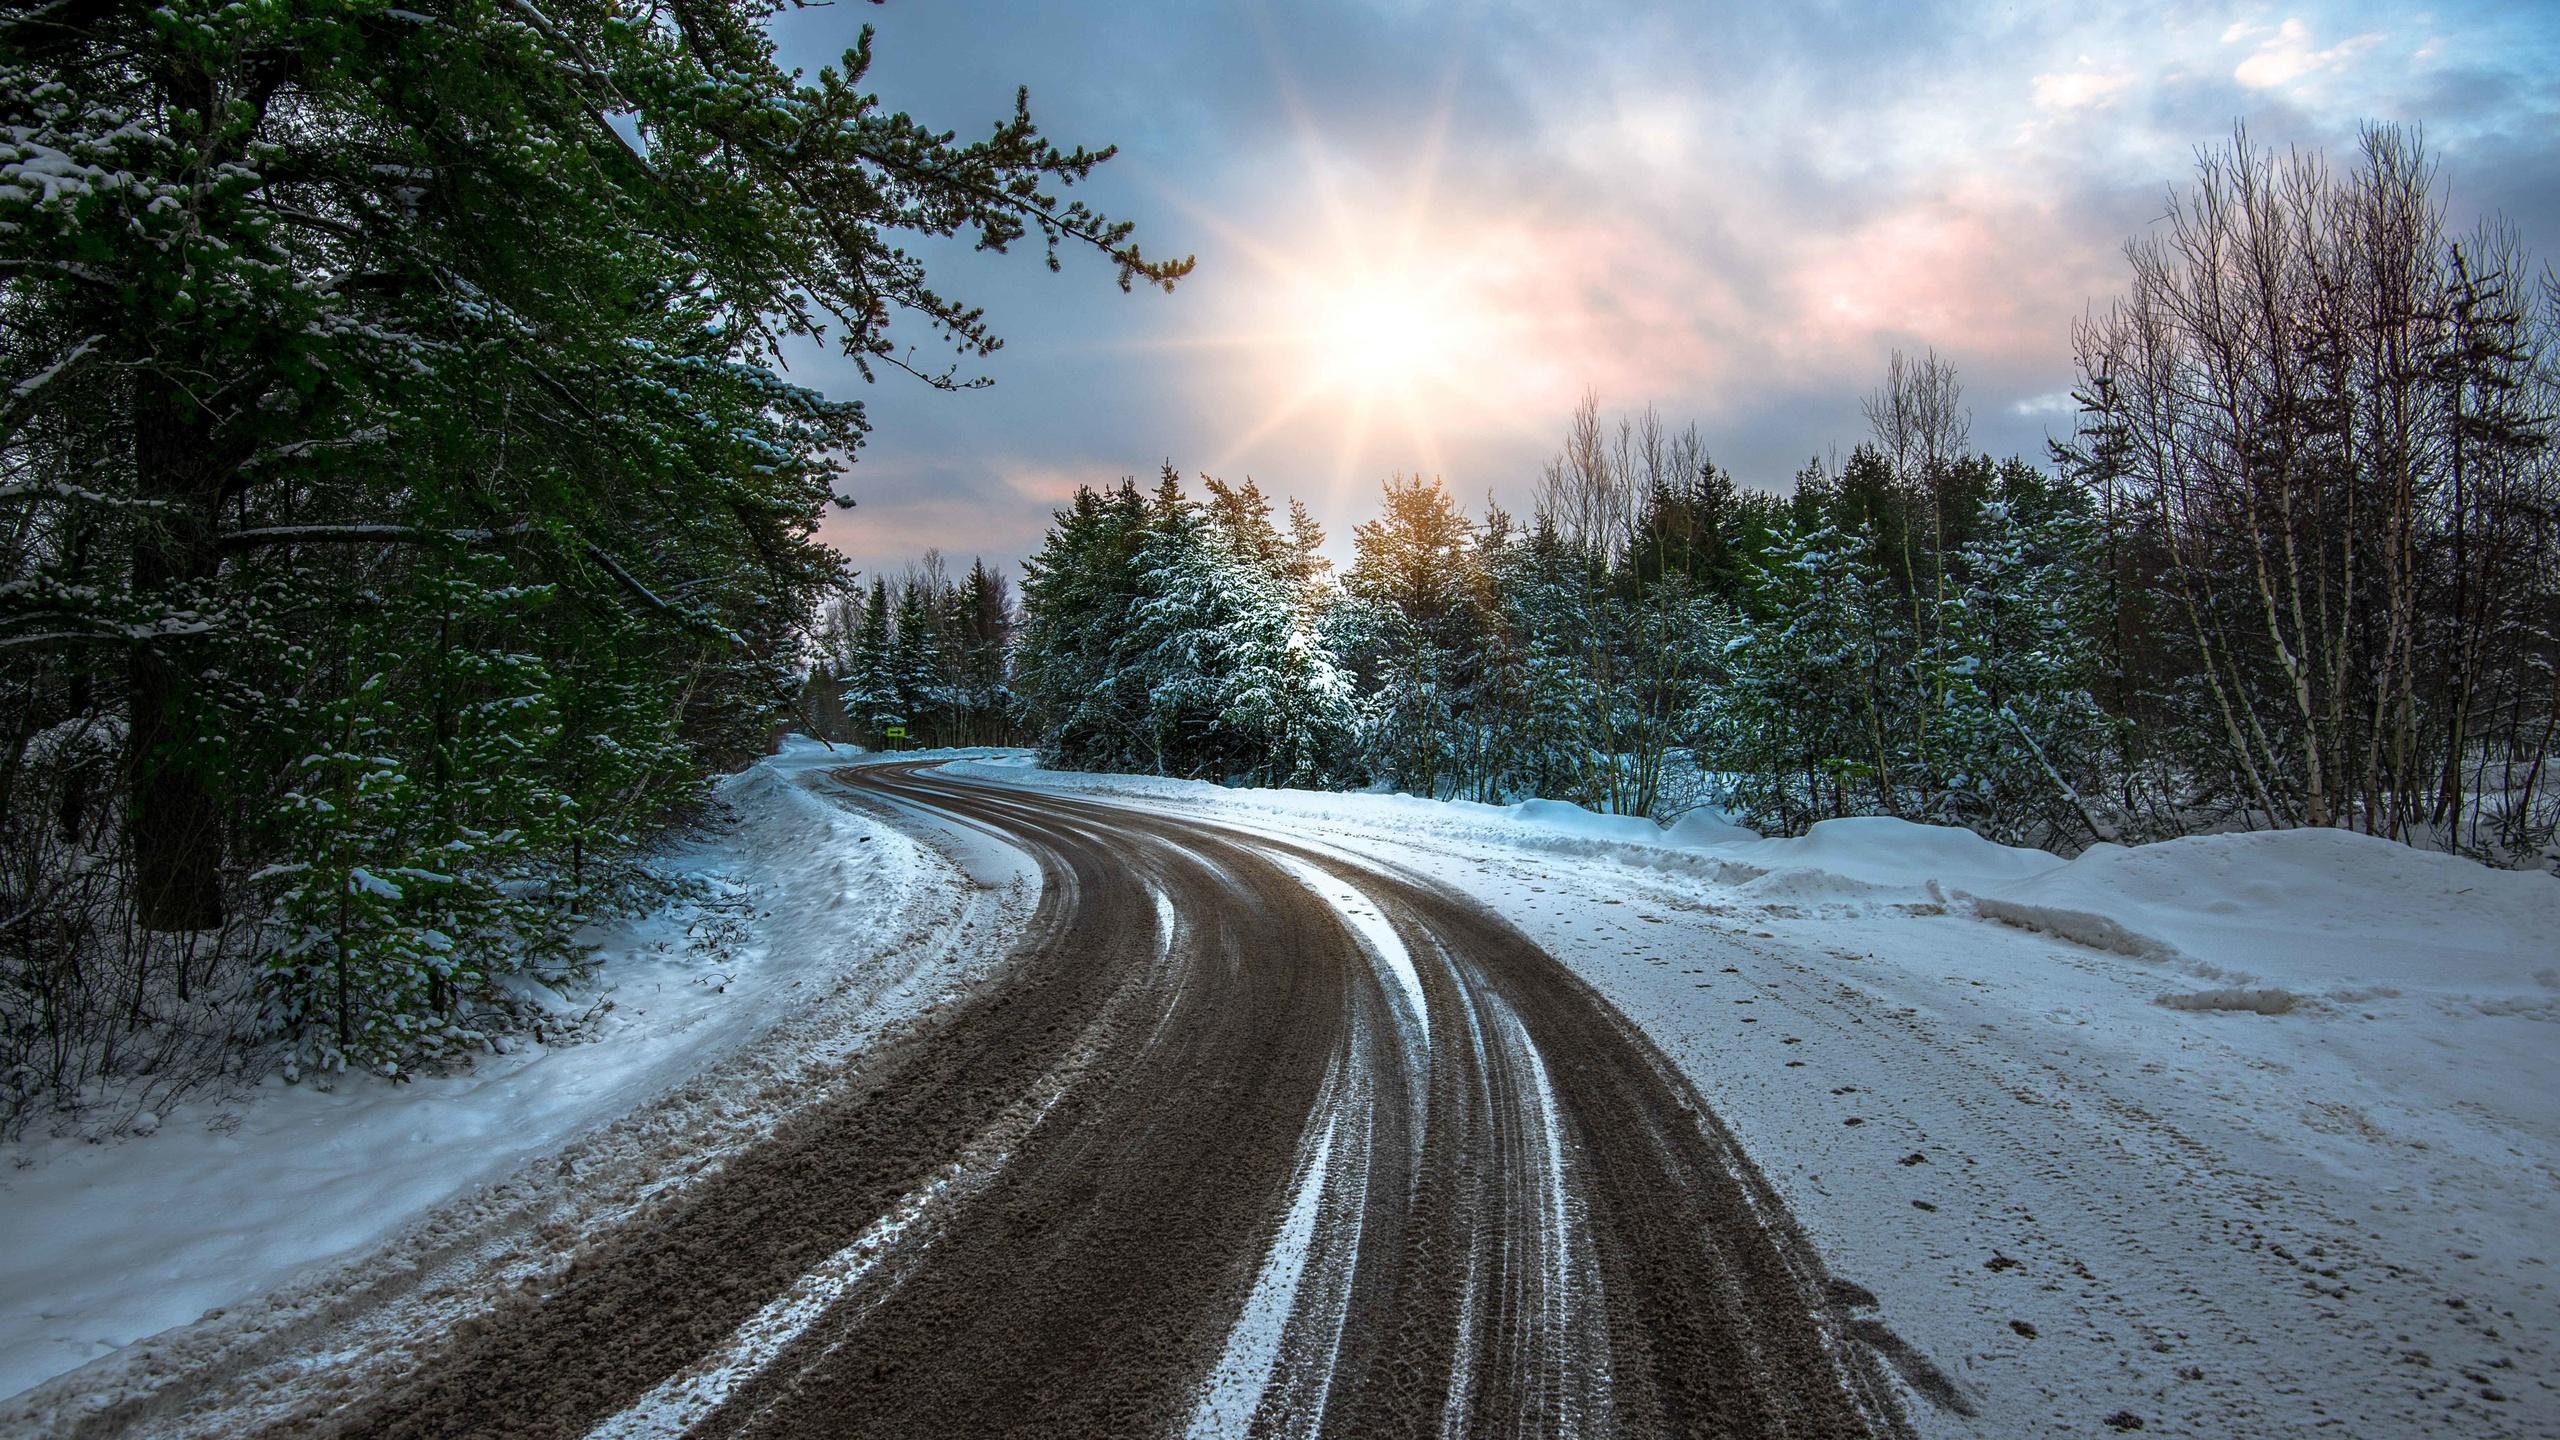 природа, зима, снег, дорога, поворот